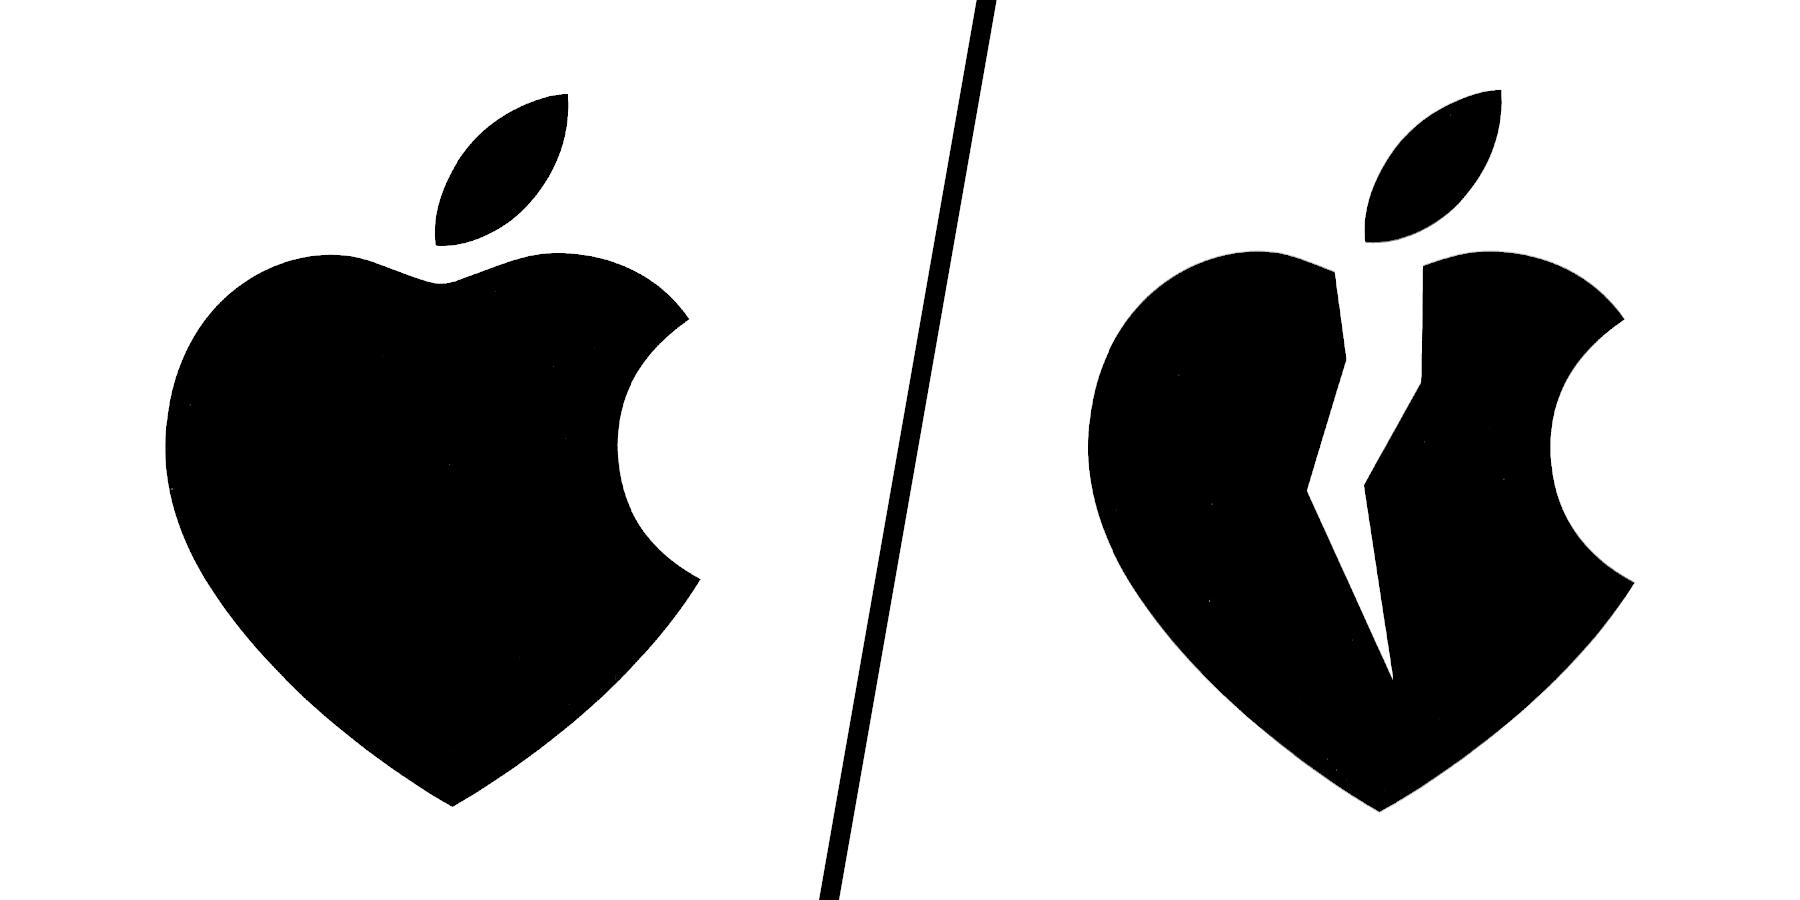 Ich liebe/hasse Apple